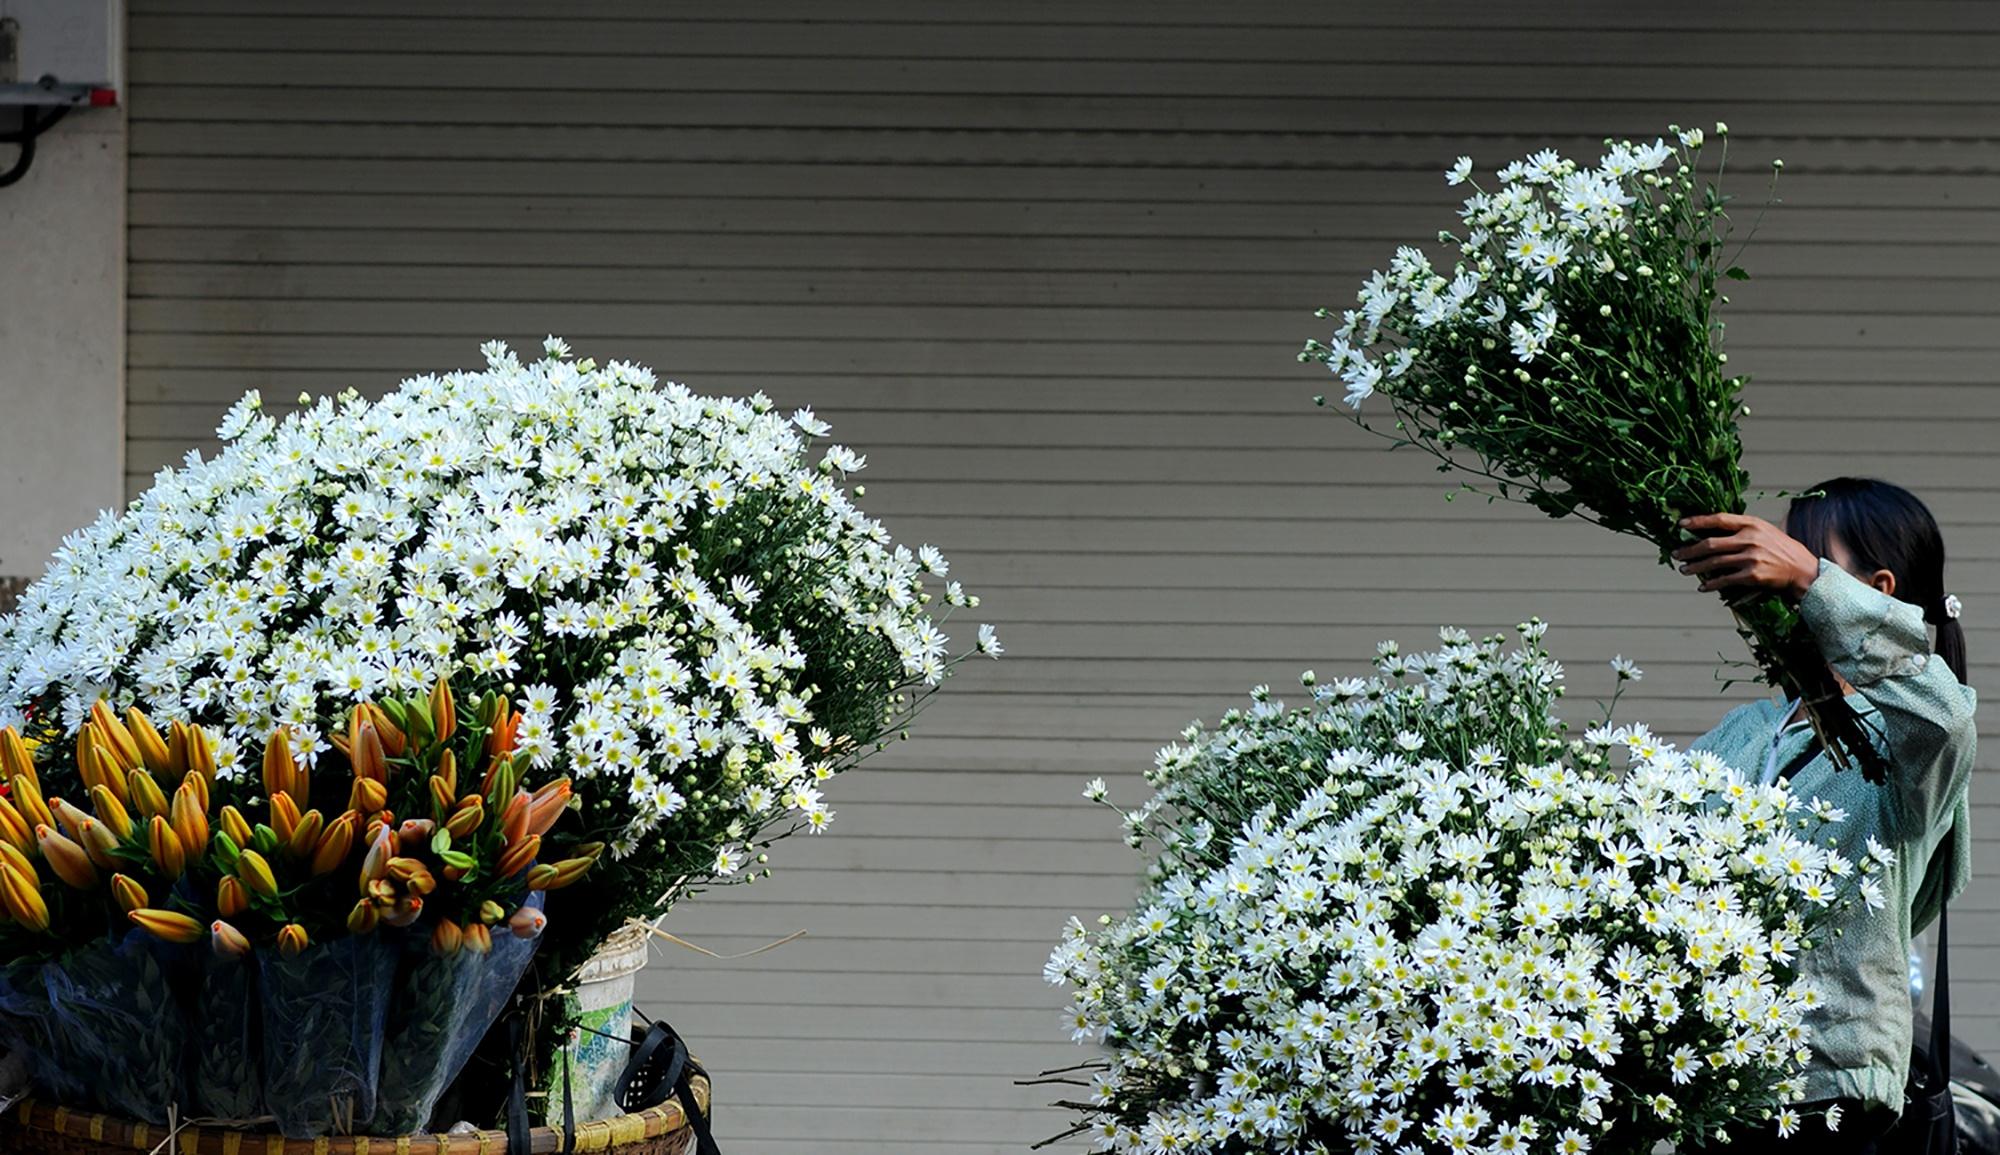 Xuyen xao mua cuc hoa mi don dong ve giua long Ha Noi hinh anh 33